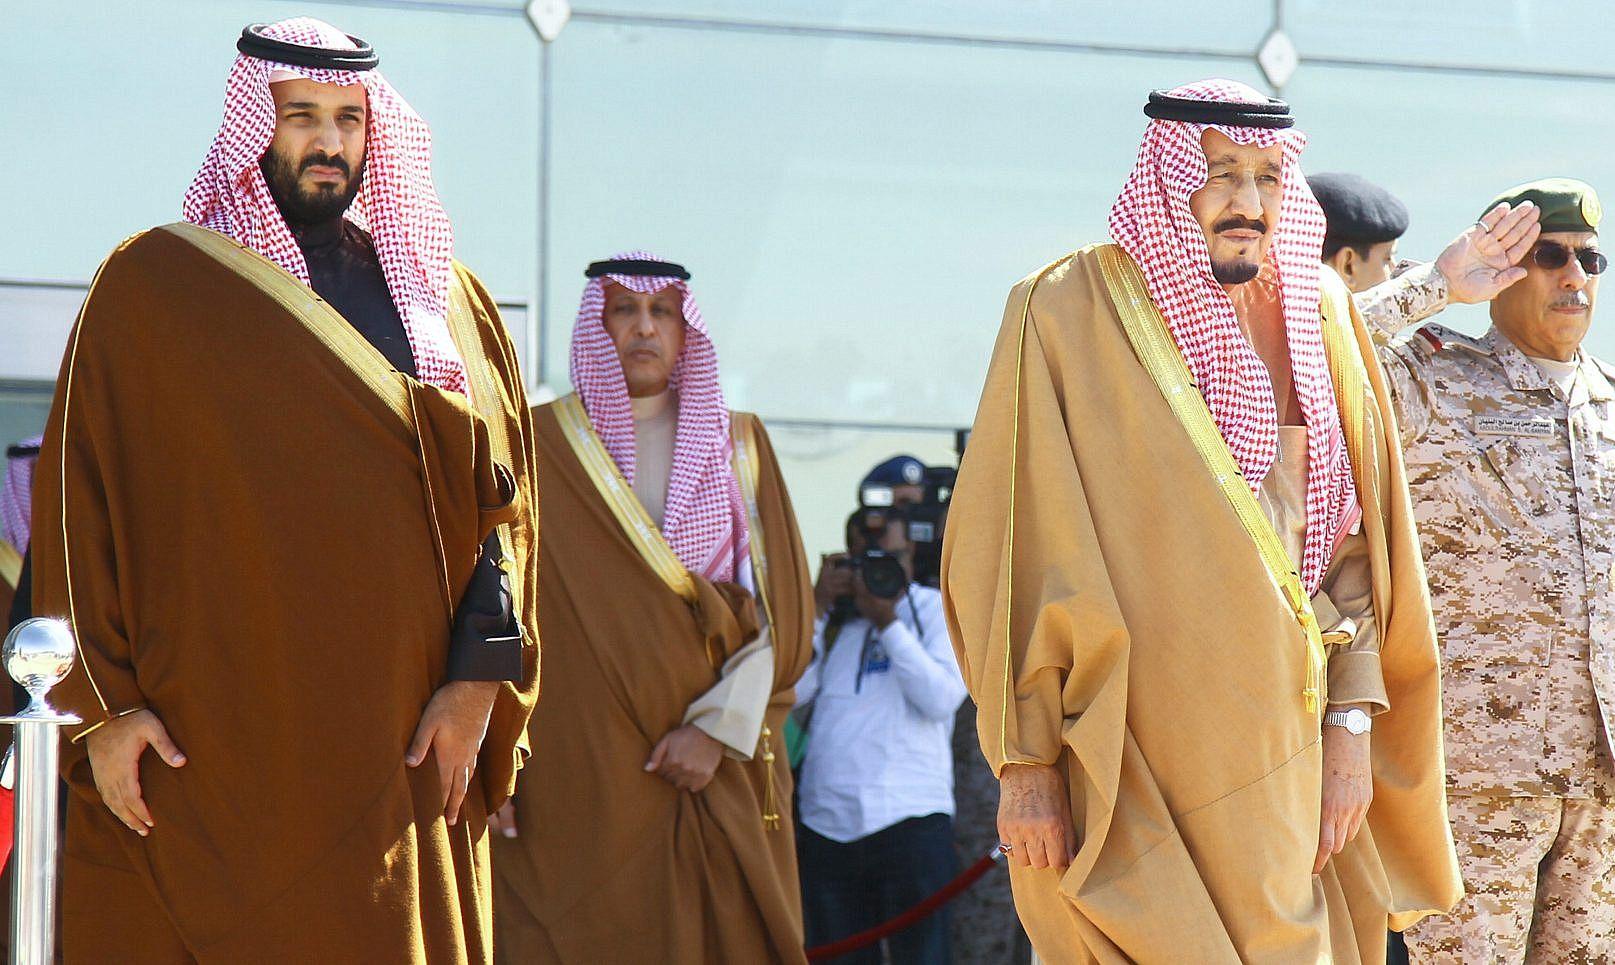 السعودية..حديث عن امكانية تنازل الملك سلمان ونقل حكم المملكة إلى ابنه